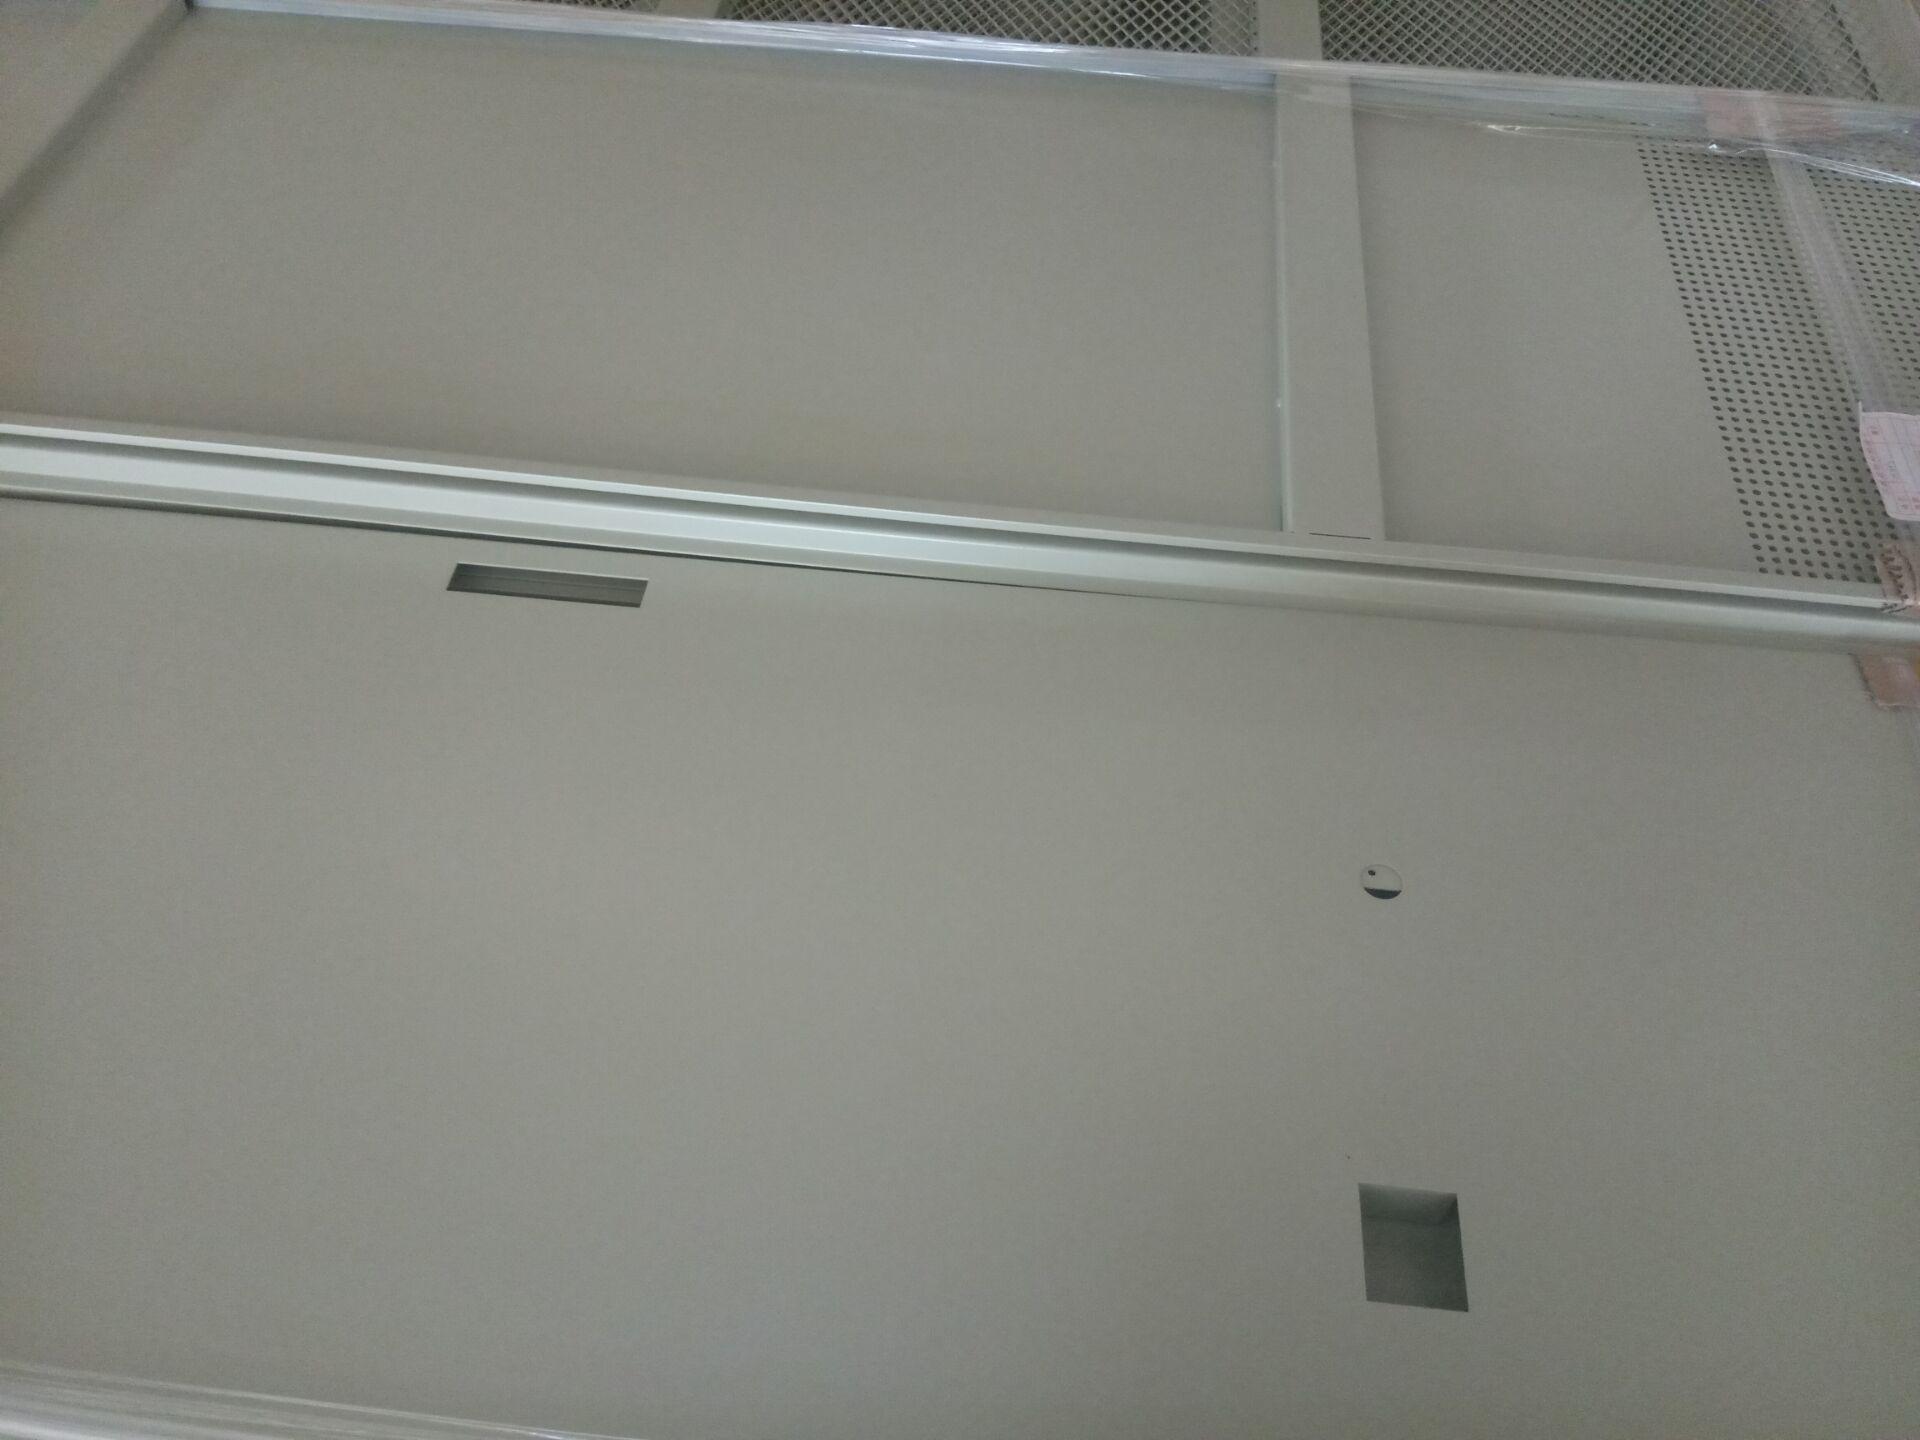 深圳龙岗龙东五金喷涂厂价格|东莞五金喷涂烤漆加工公司